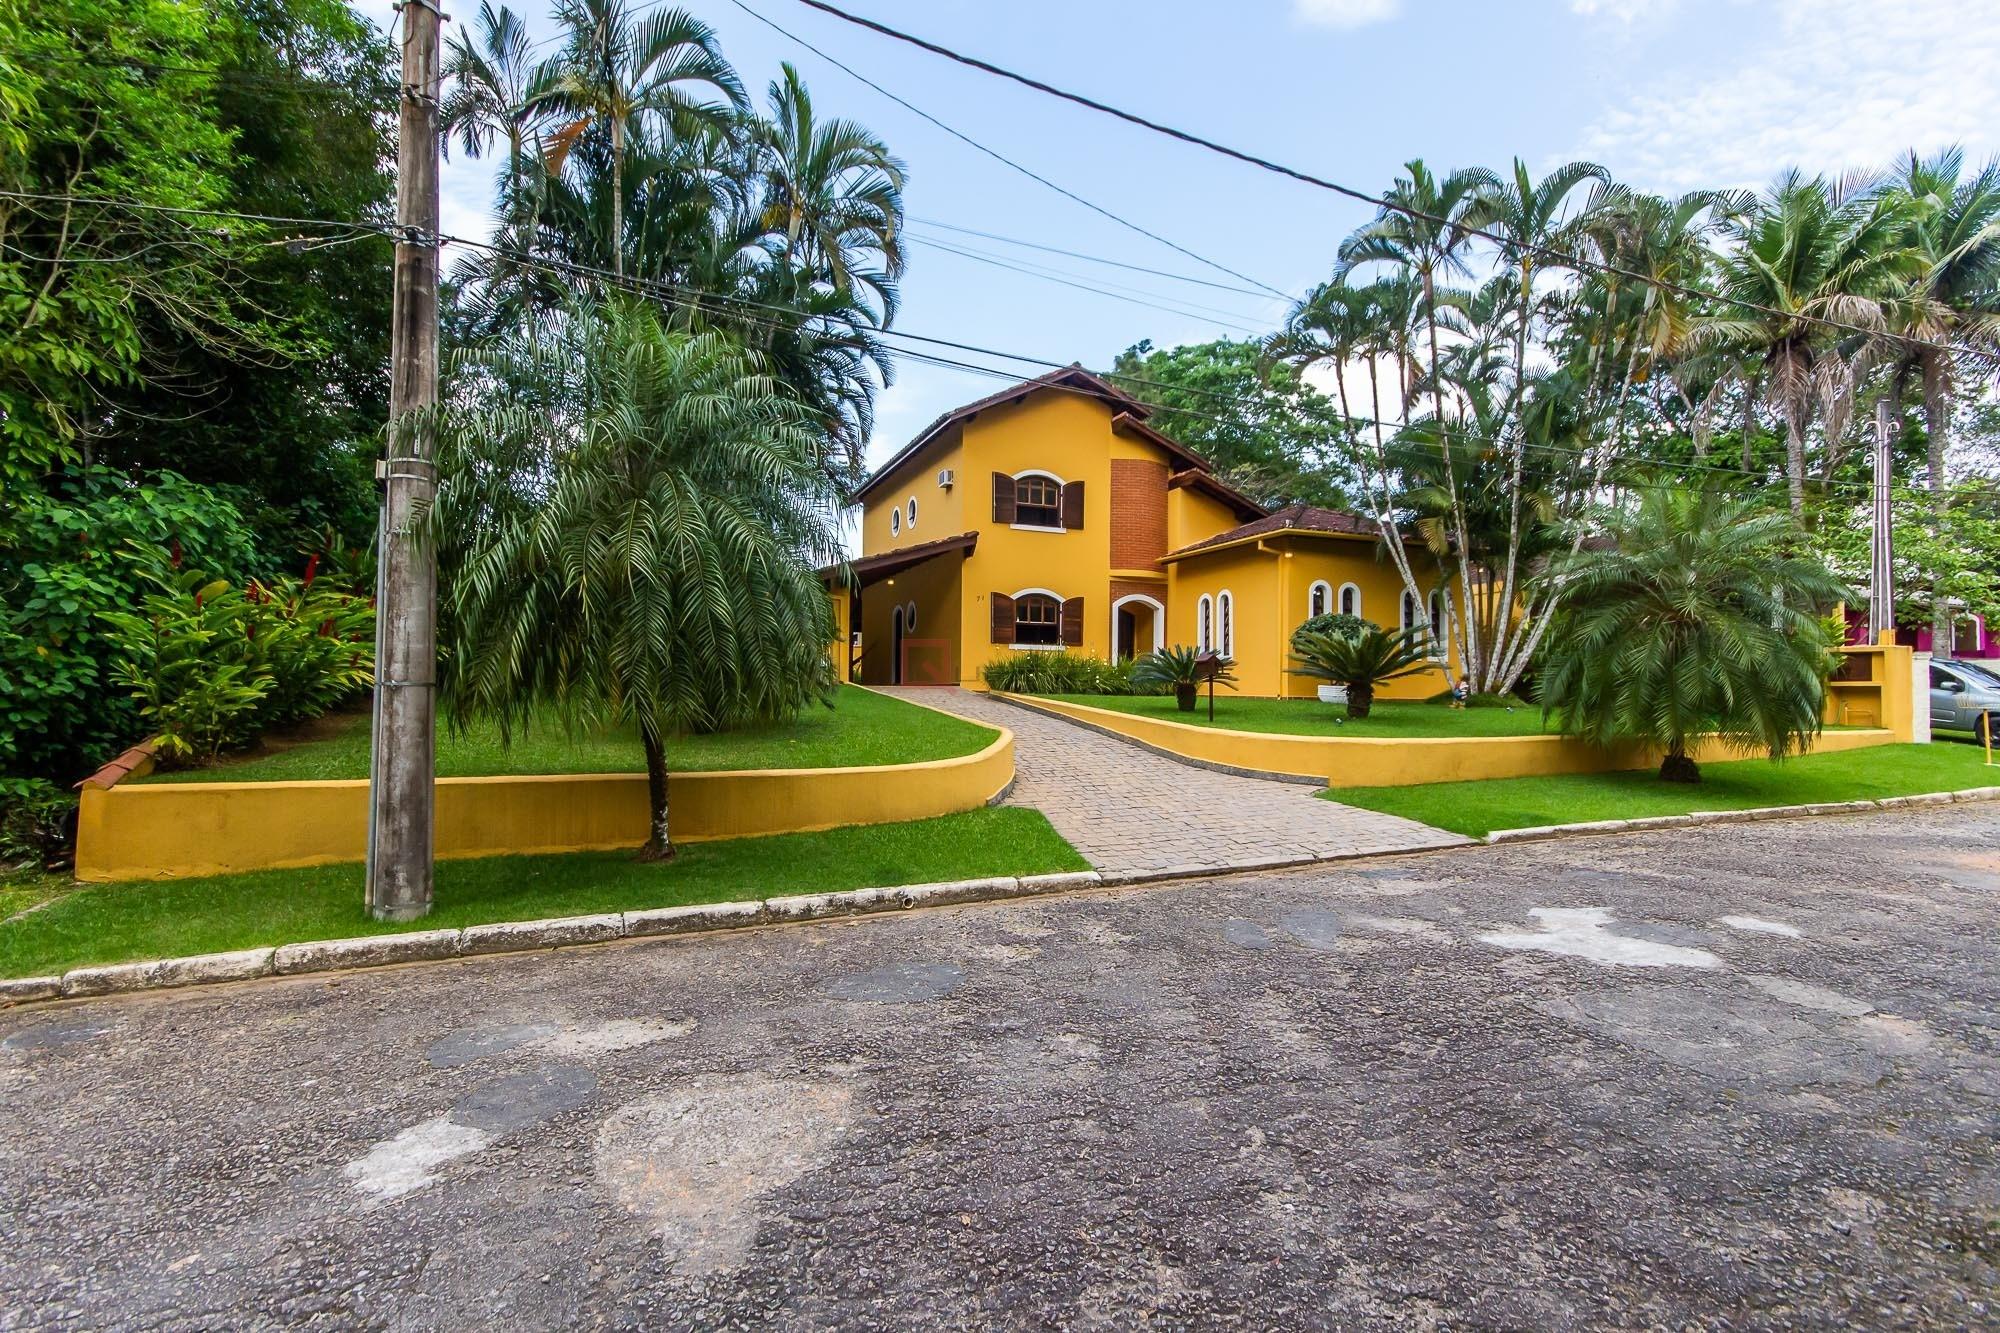 Casa com 4 dormitórios à venda em Caraguatatuba, no bairro Park Imperial